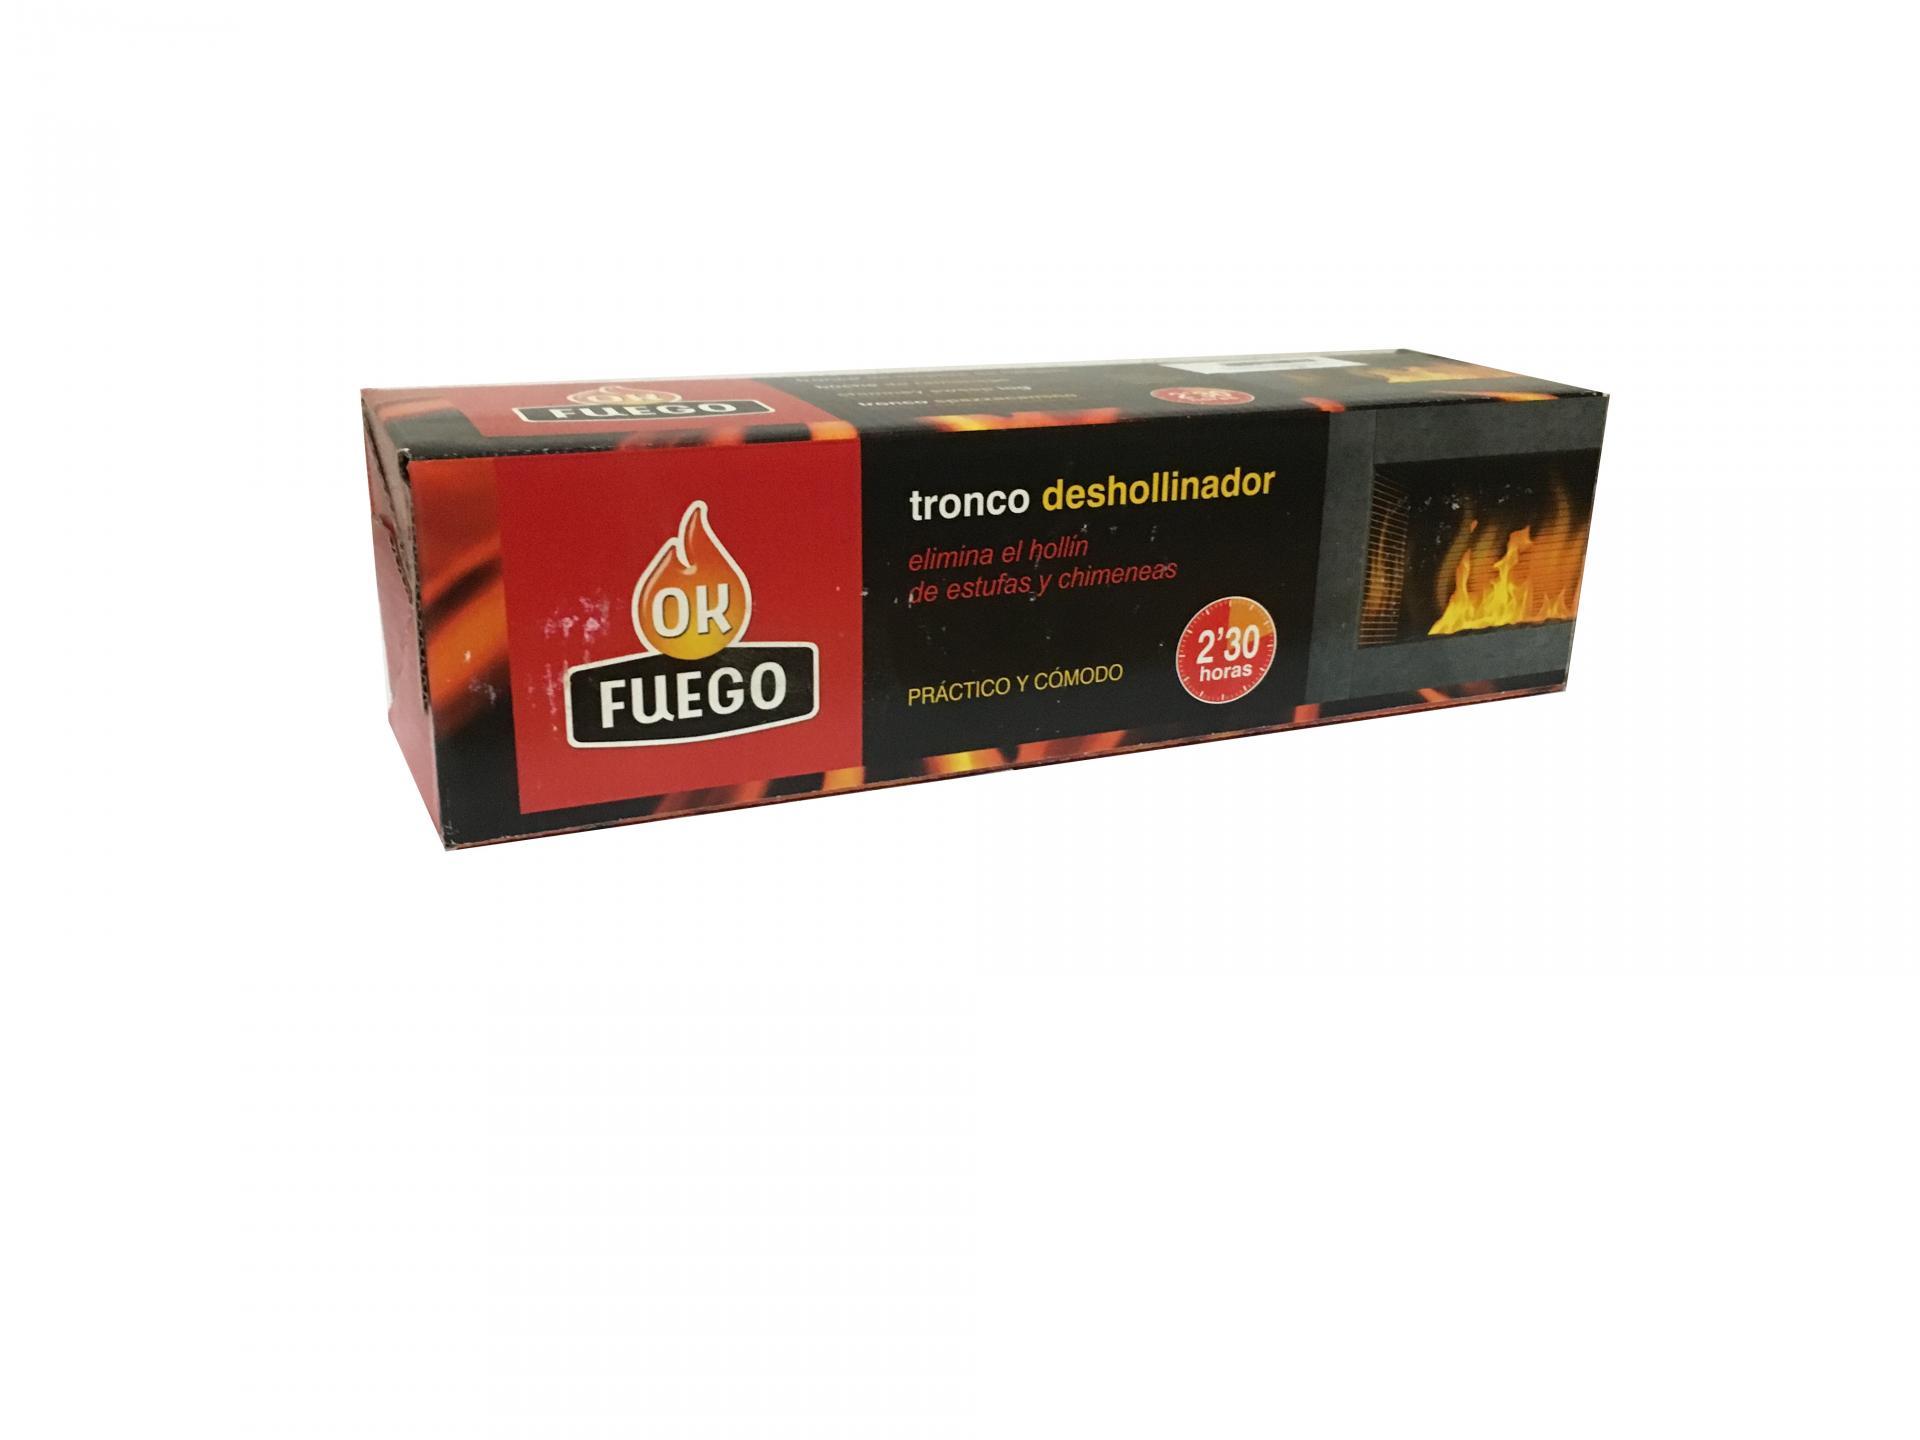 Tronco Deshollinador Ok Fuego